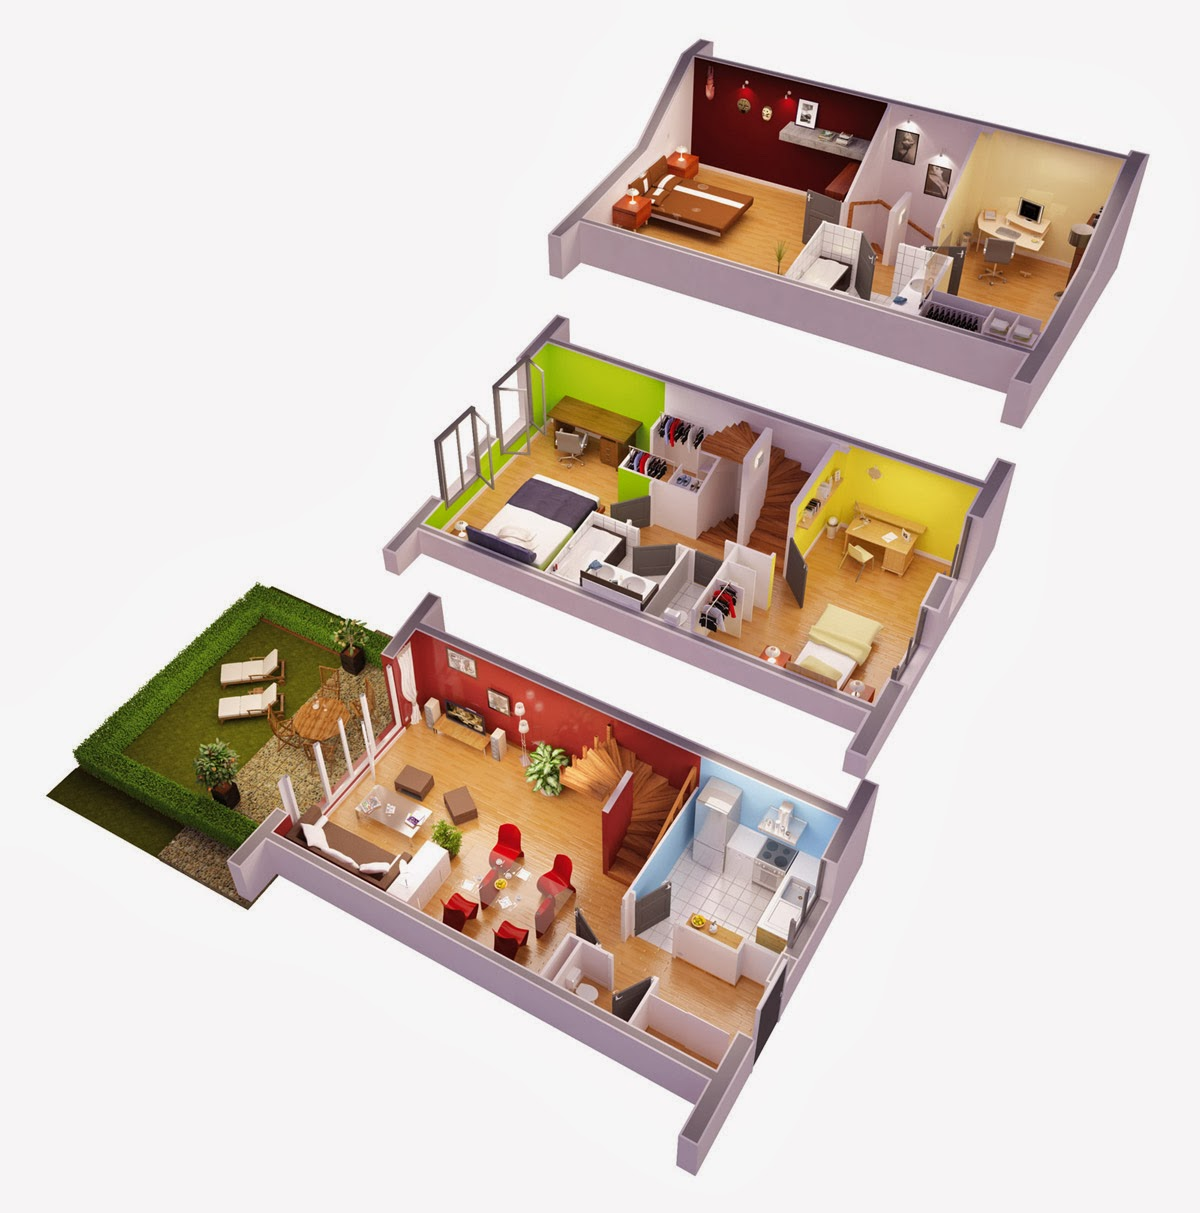 3d villa plans - Plan de maison 3d ...